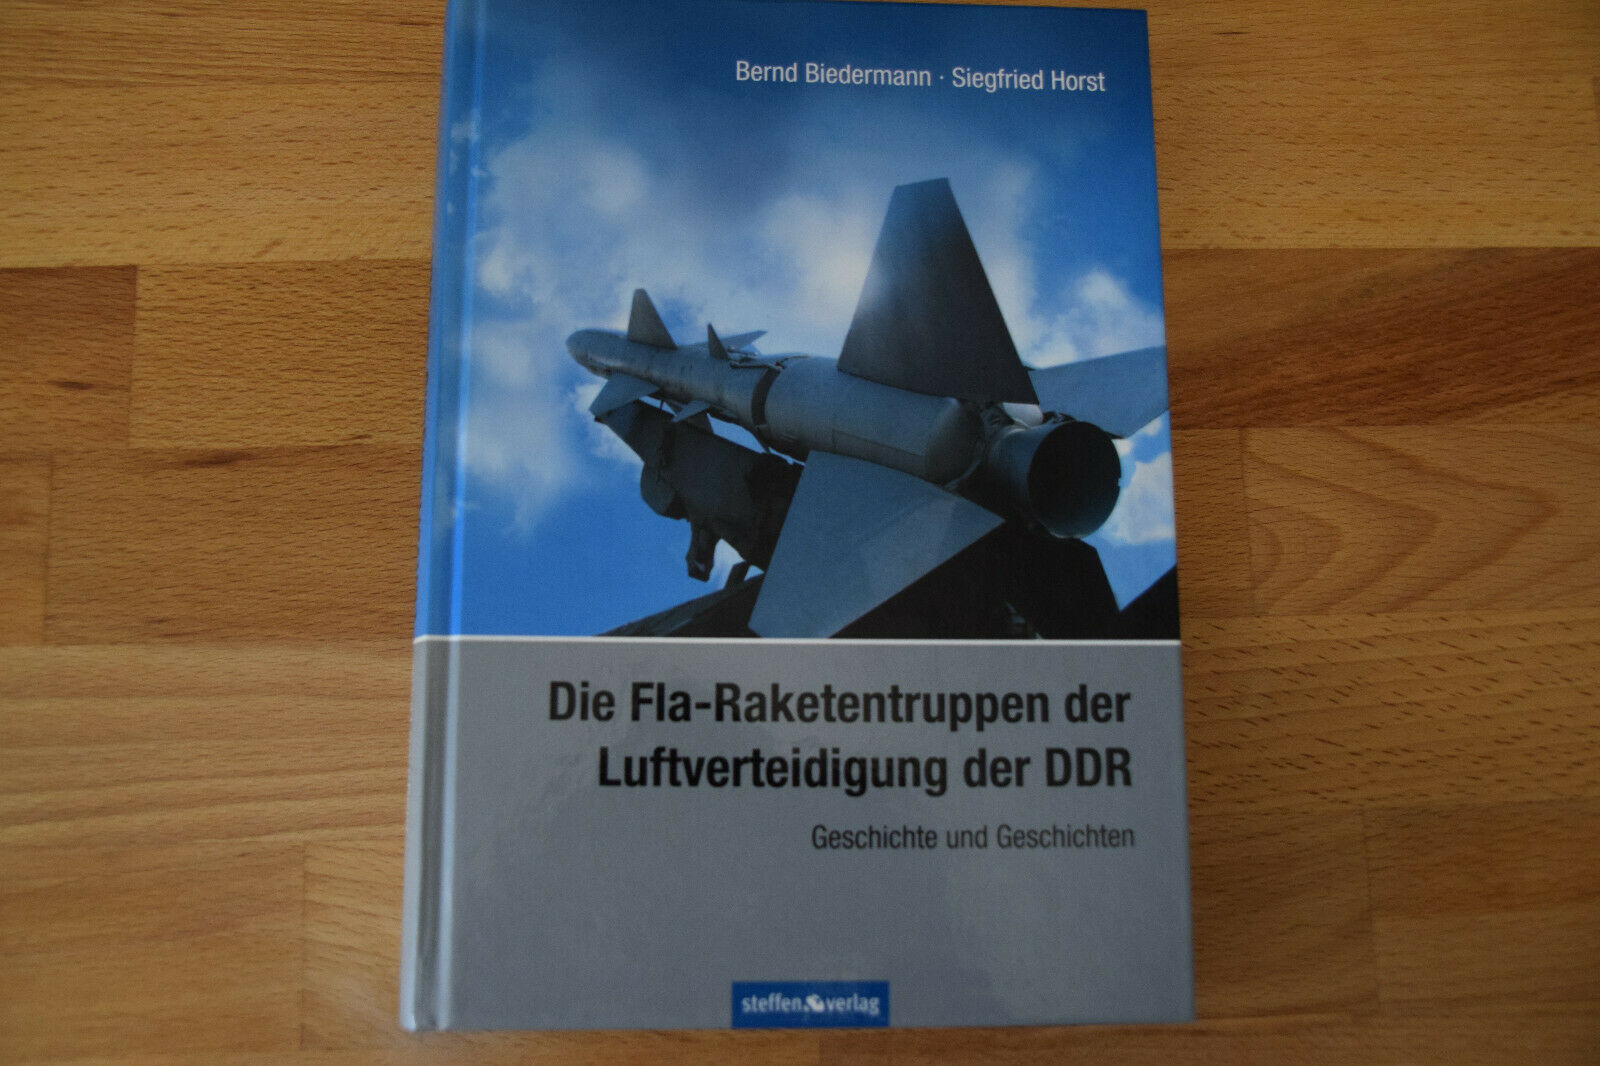 Buch Die Fla-Raketengruppen und die Luftverteidigung der DDR - Bernd Bidermann Siegfried Horst